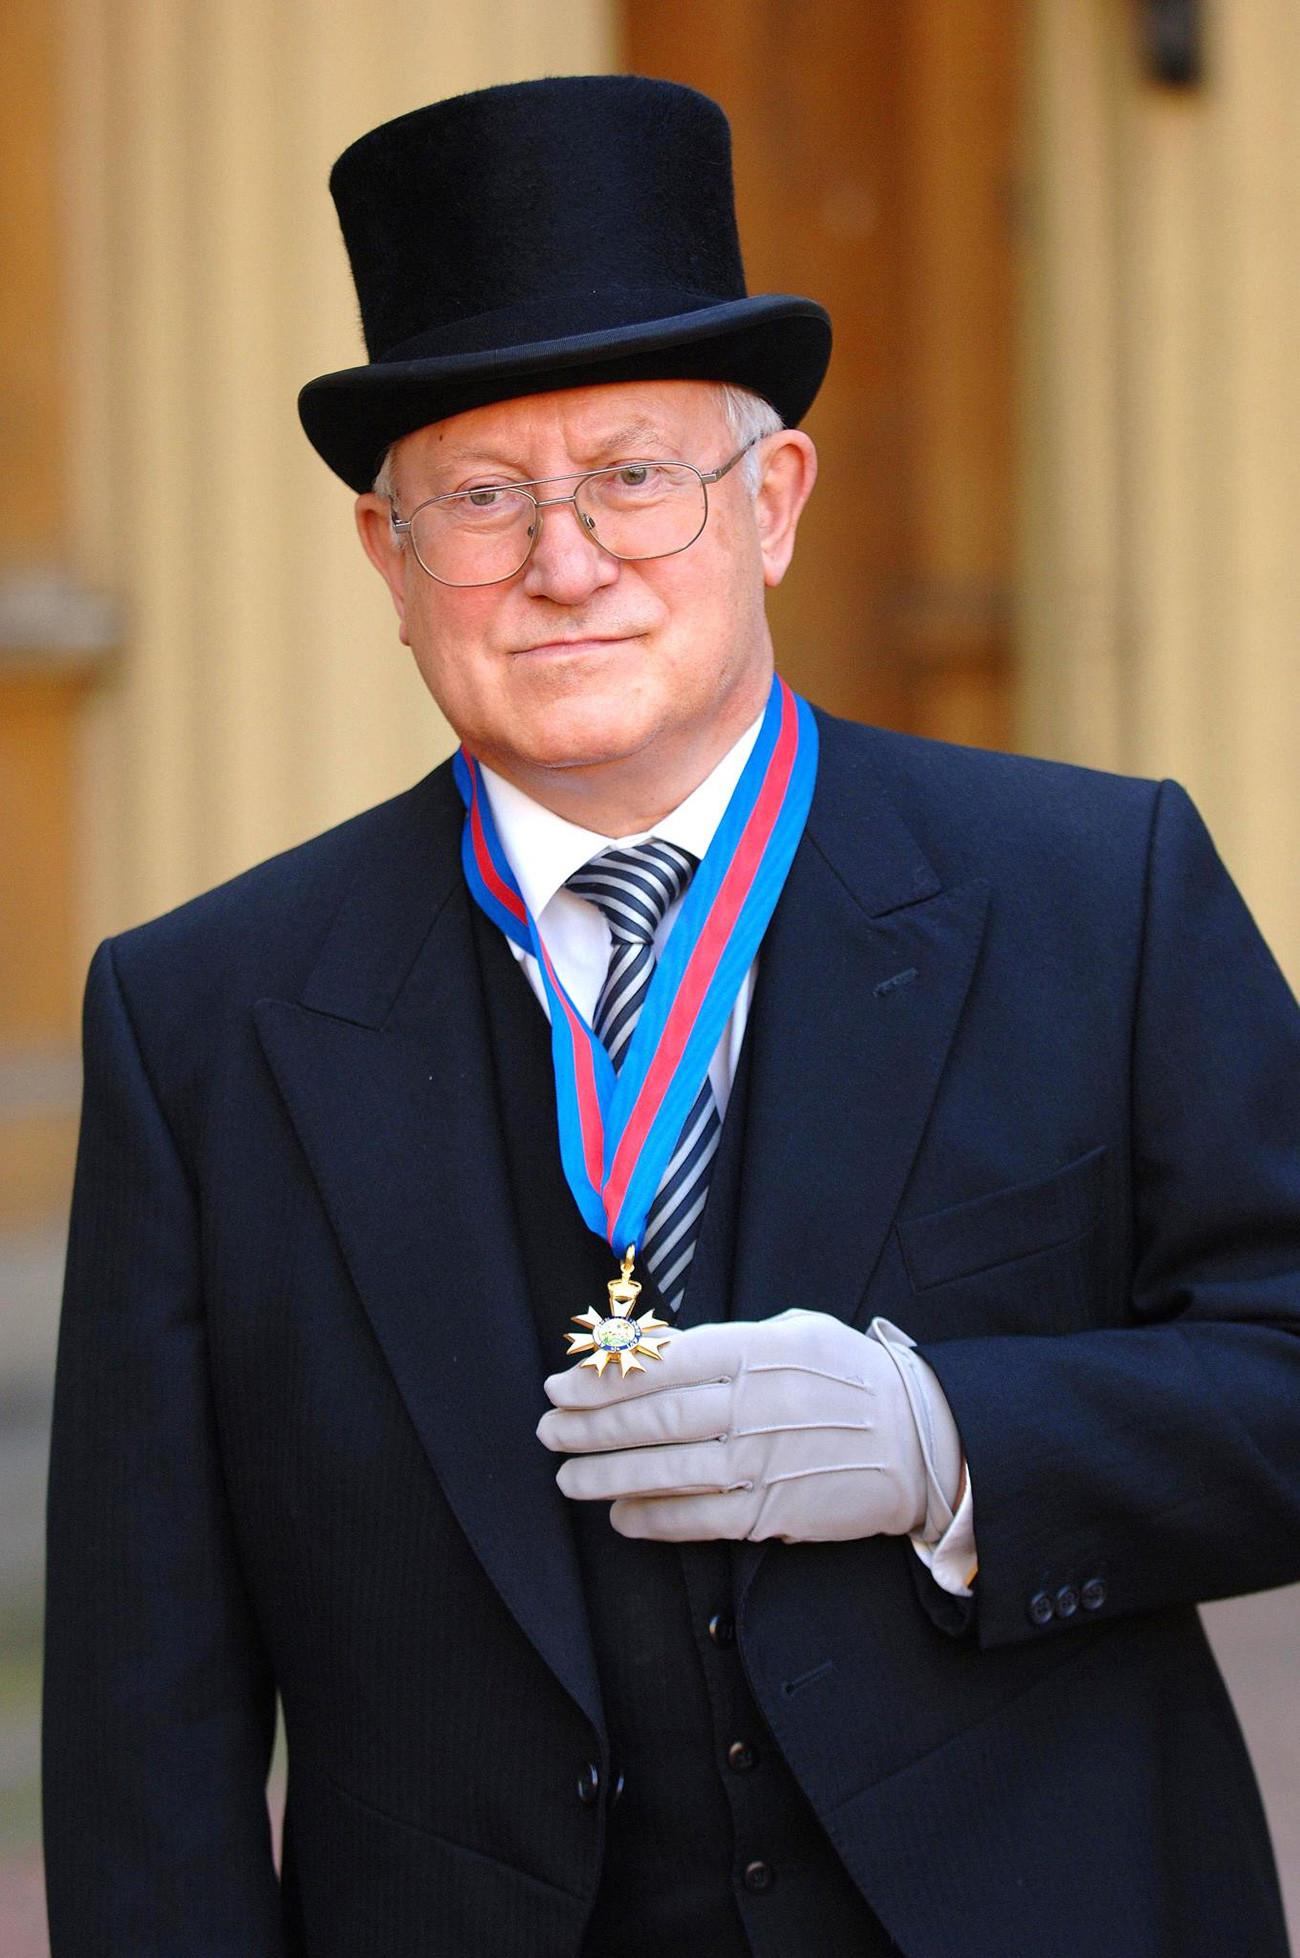 Oleg Gordievsky posa para foto após receber Ordem de Saint Michael e Saint George da rainha Elizabeth no palácio de Buckingham, em outubro de 2007.